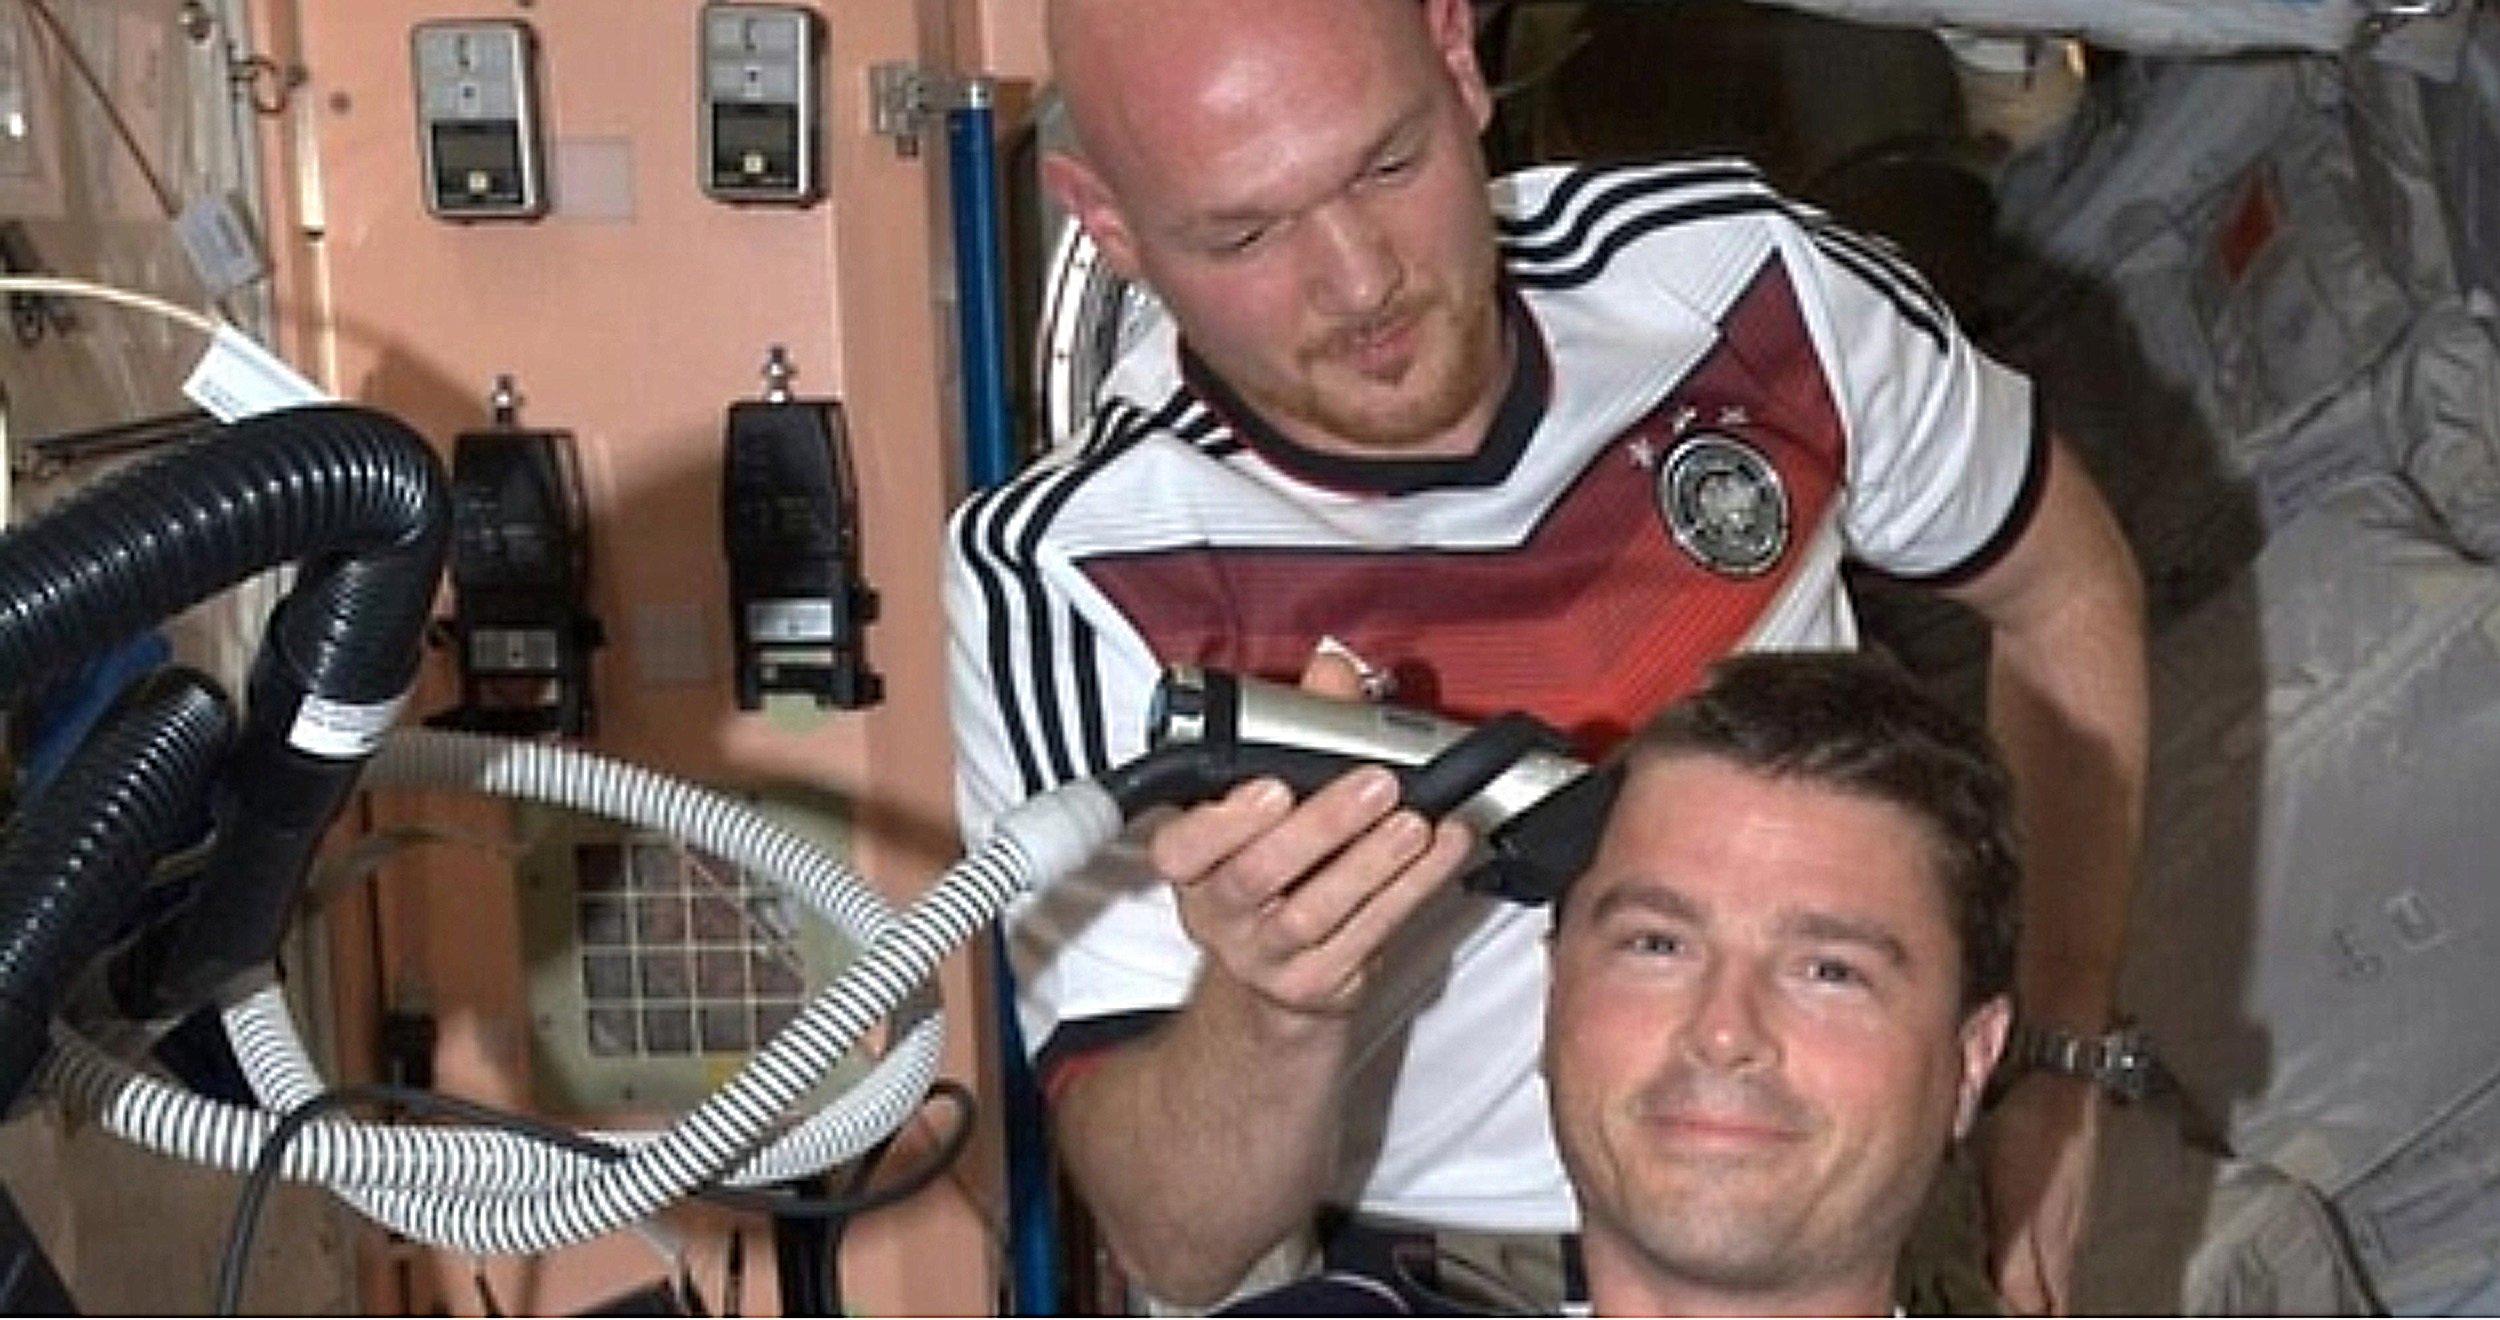 Im Trikot der deutschen Fußball-Nationalmannschaftrasiert Alexander Gerst an Bord der Internationalen Raumstation ISS seinem US-Kollegen Reid Wiseman das Kopfhaar ab. Anlass war eine Wette, nach der sich bei einem WM-Sieg der deutschen Fußballer über die USA die beiden US-Astronauten Wiseman und Swanson eine Glatze verpassen lassen würden. Bei einem Sieg der USA hätte sich Gerst die US-Flagge auf den kahlen Kopf malen lassen.